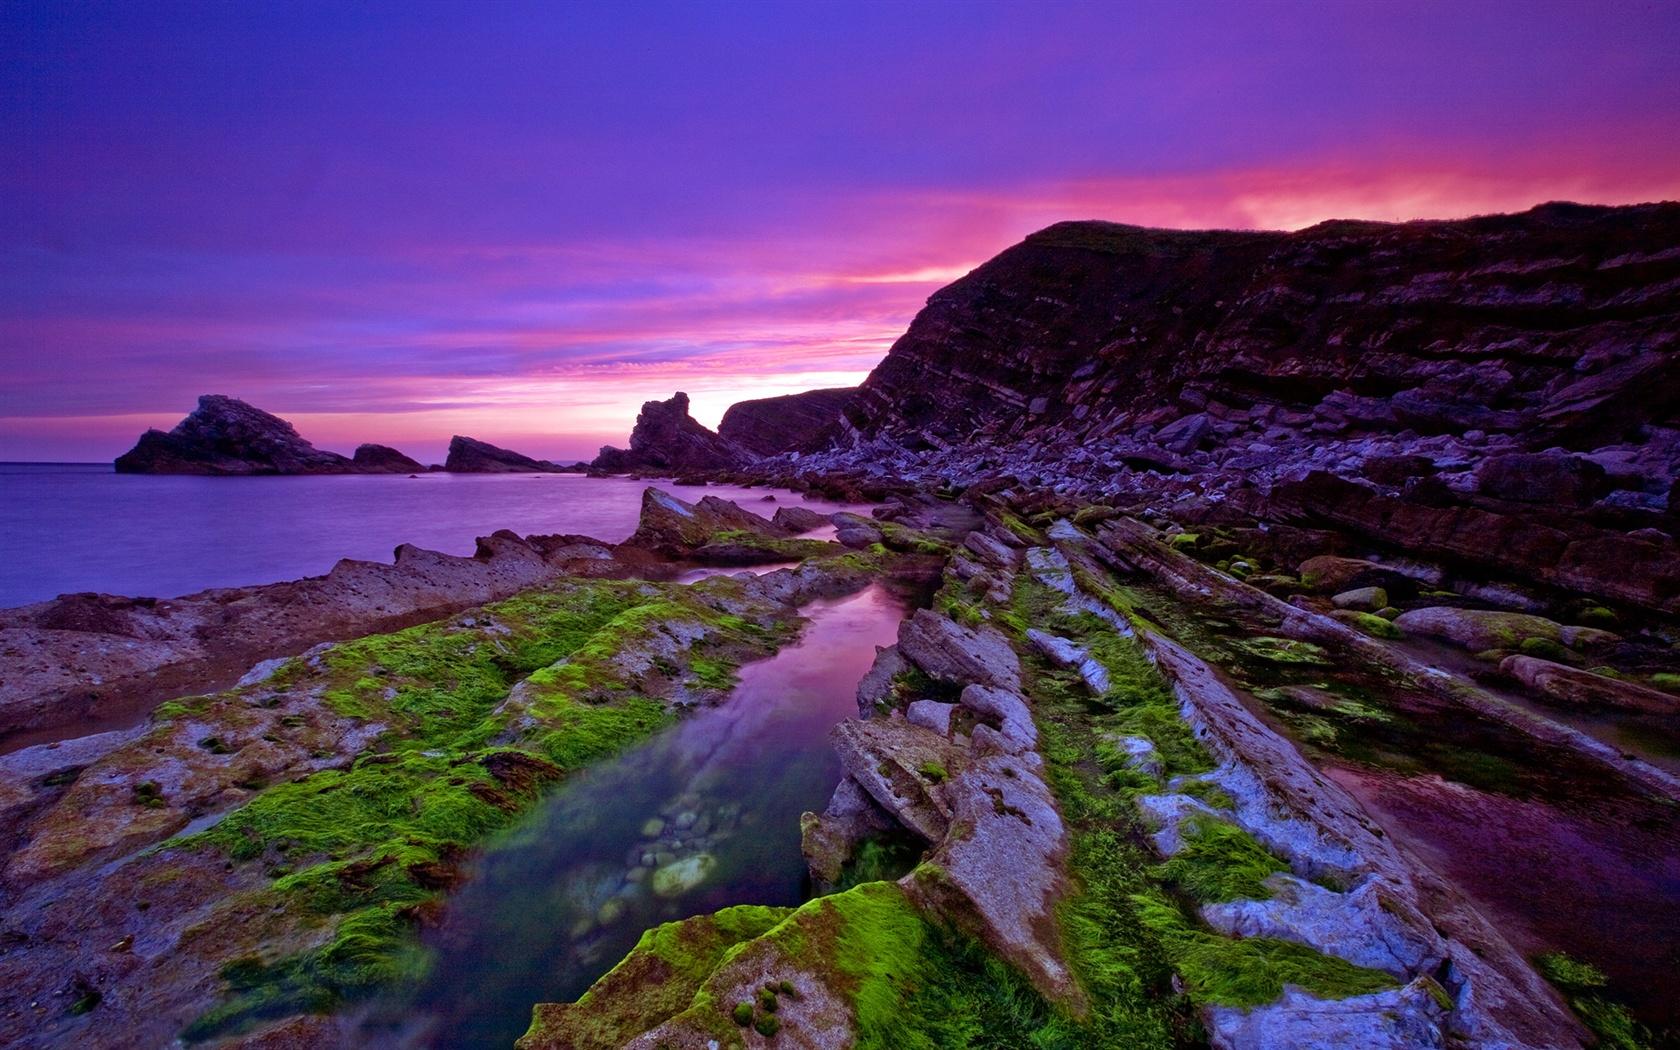 Wallpaper Beautiful Purple Sunset Coast 1920x1200 Hd Picture Image